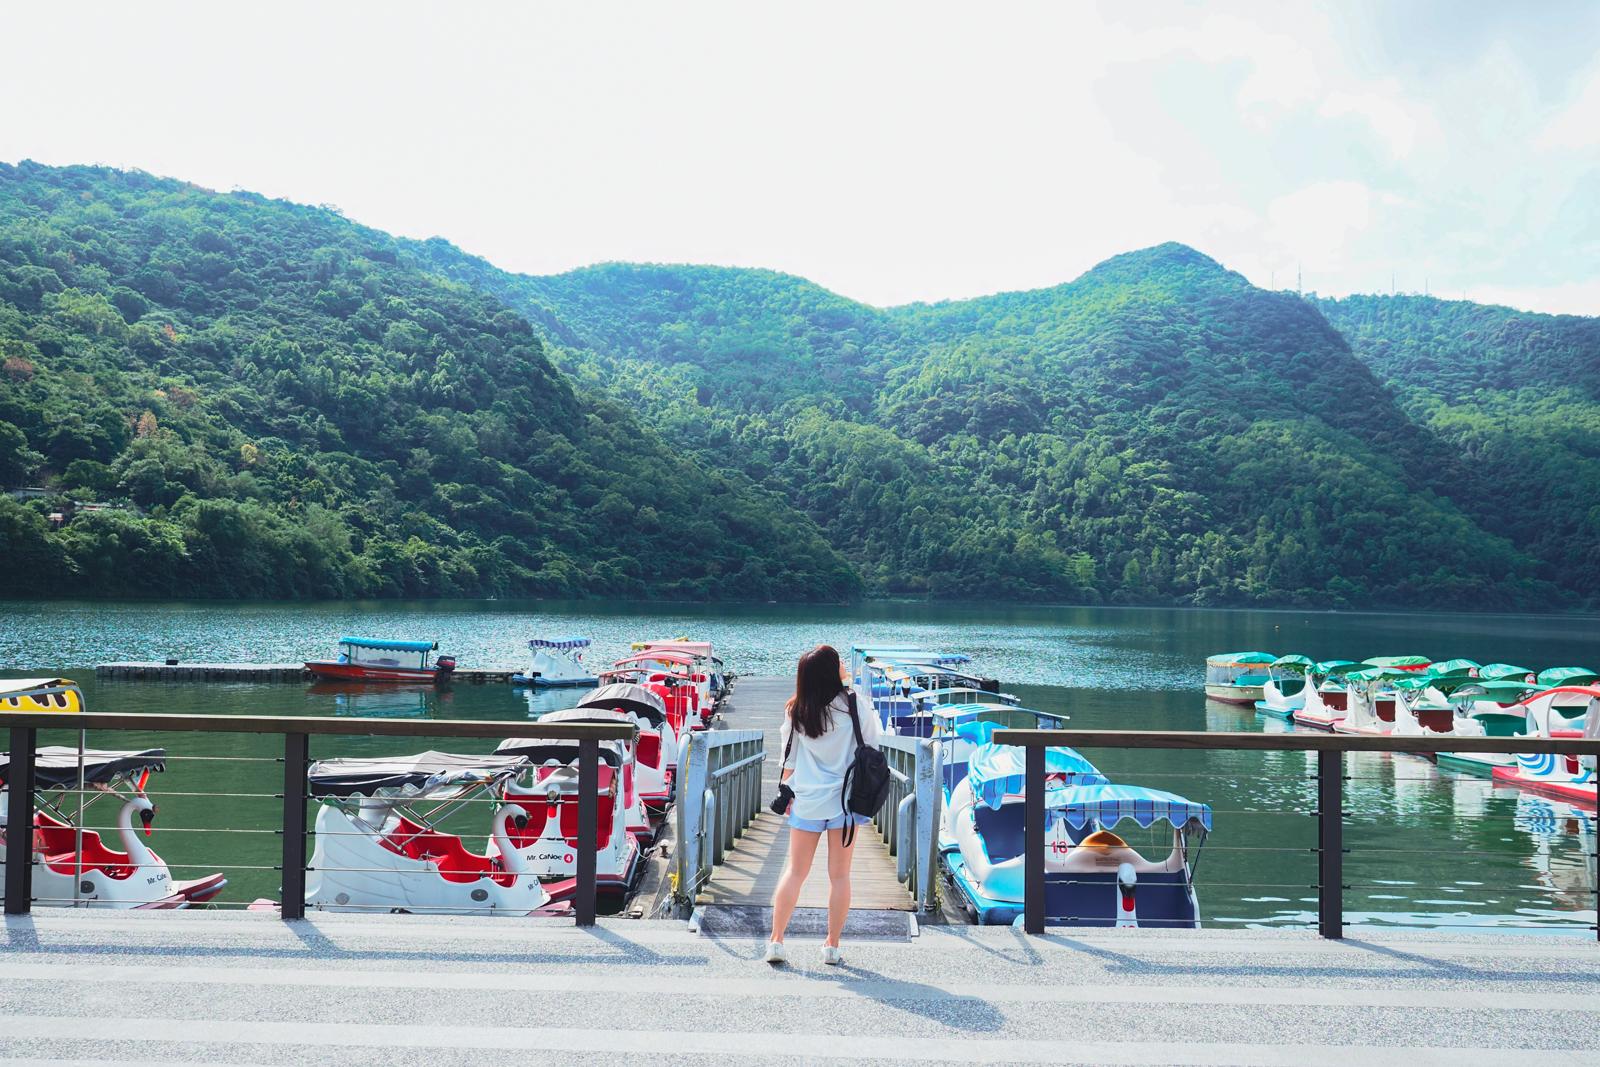 花蓮初夏游盪山與海之間  吃喝玩樂私房兩天一夜遊行程懶人包通通都給你